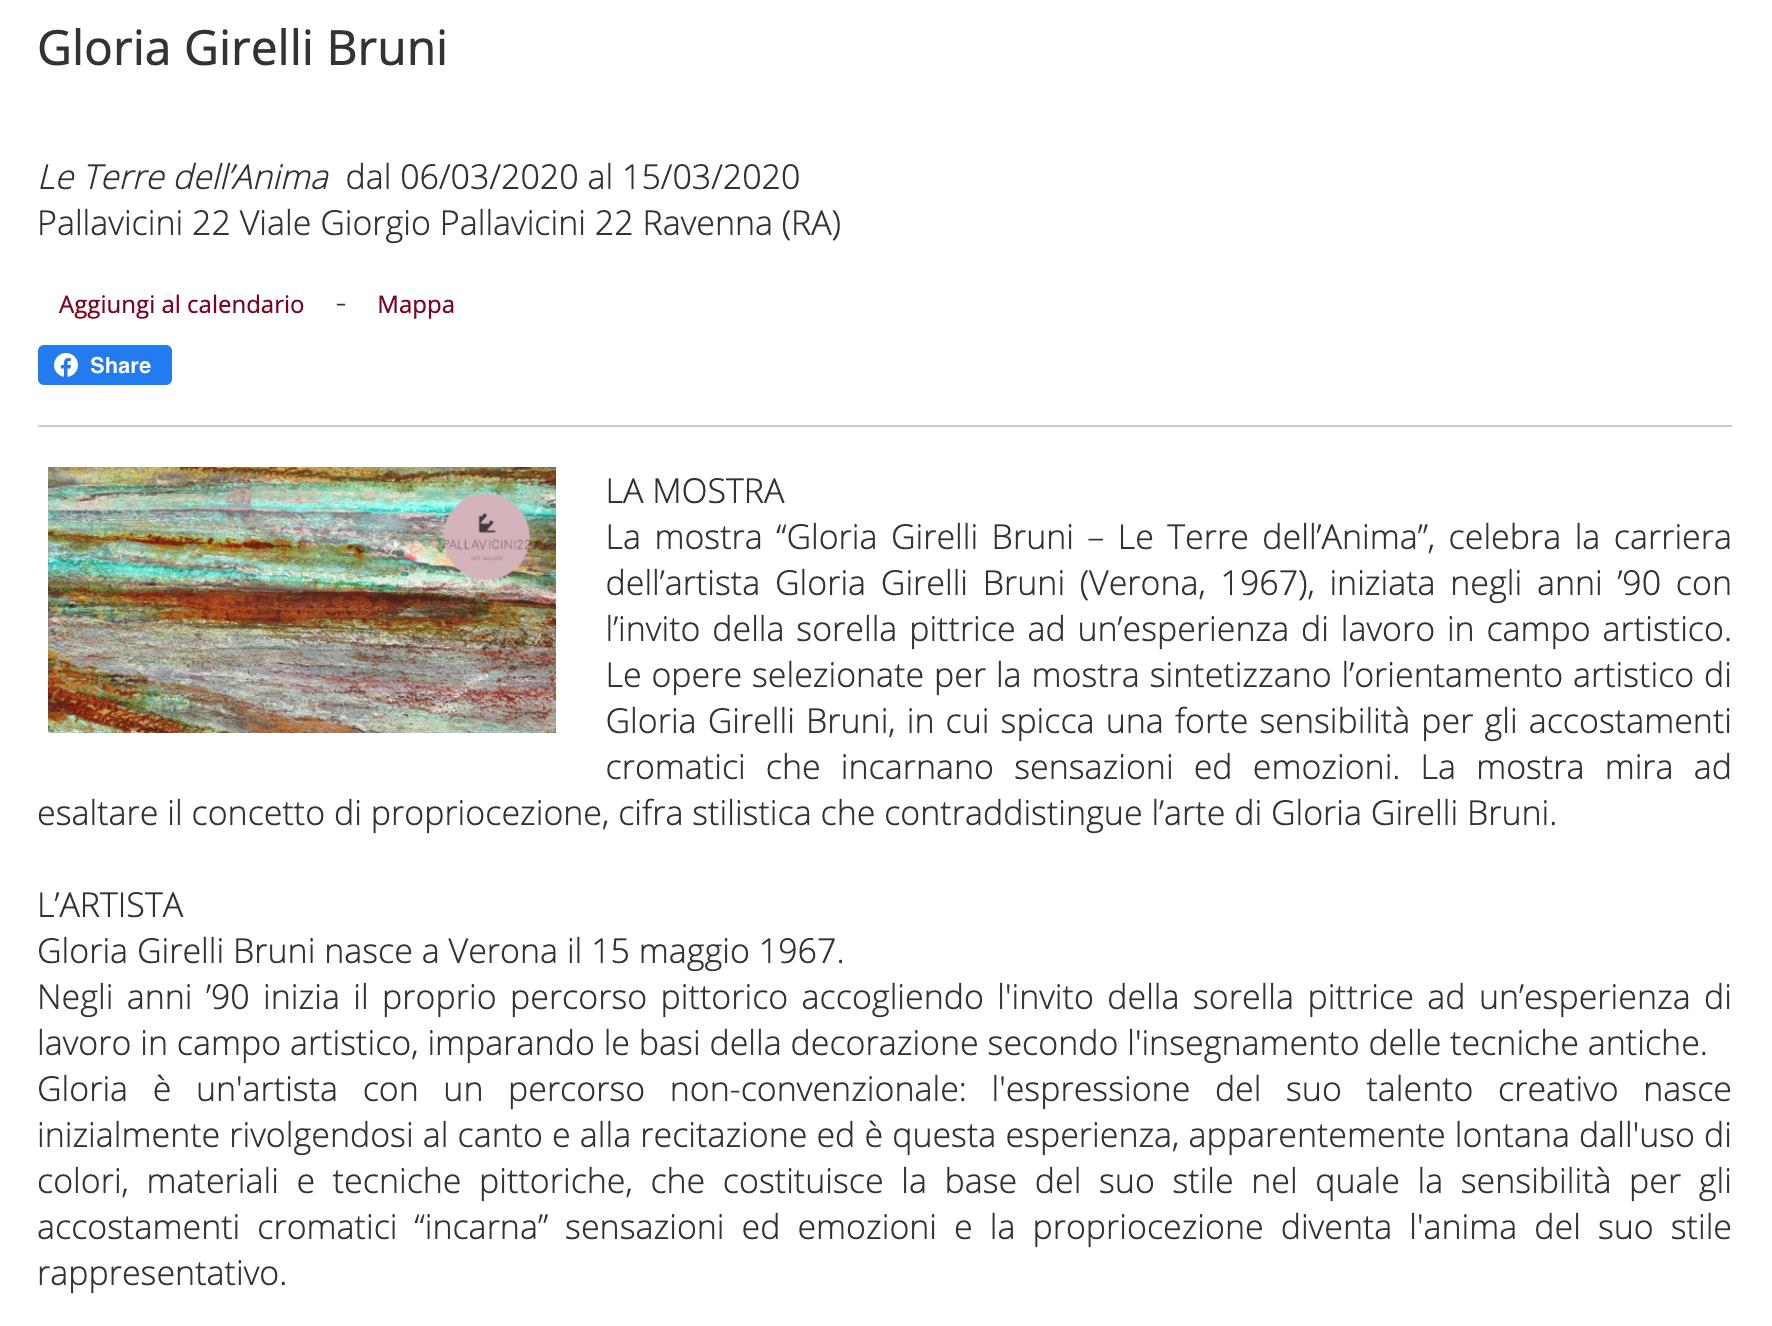 Le Terre dell'Anima di Gloria Girelli Bruni su ArteRaku.it | Pallavicini22 spazio espositivo Ravenna